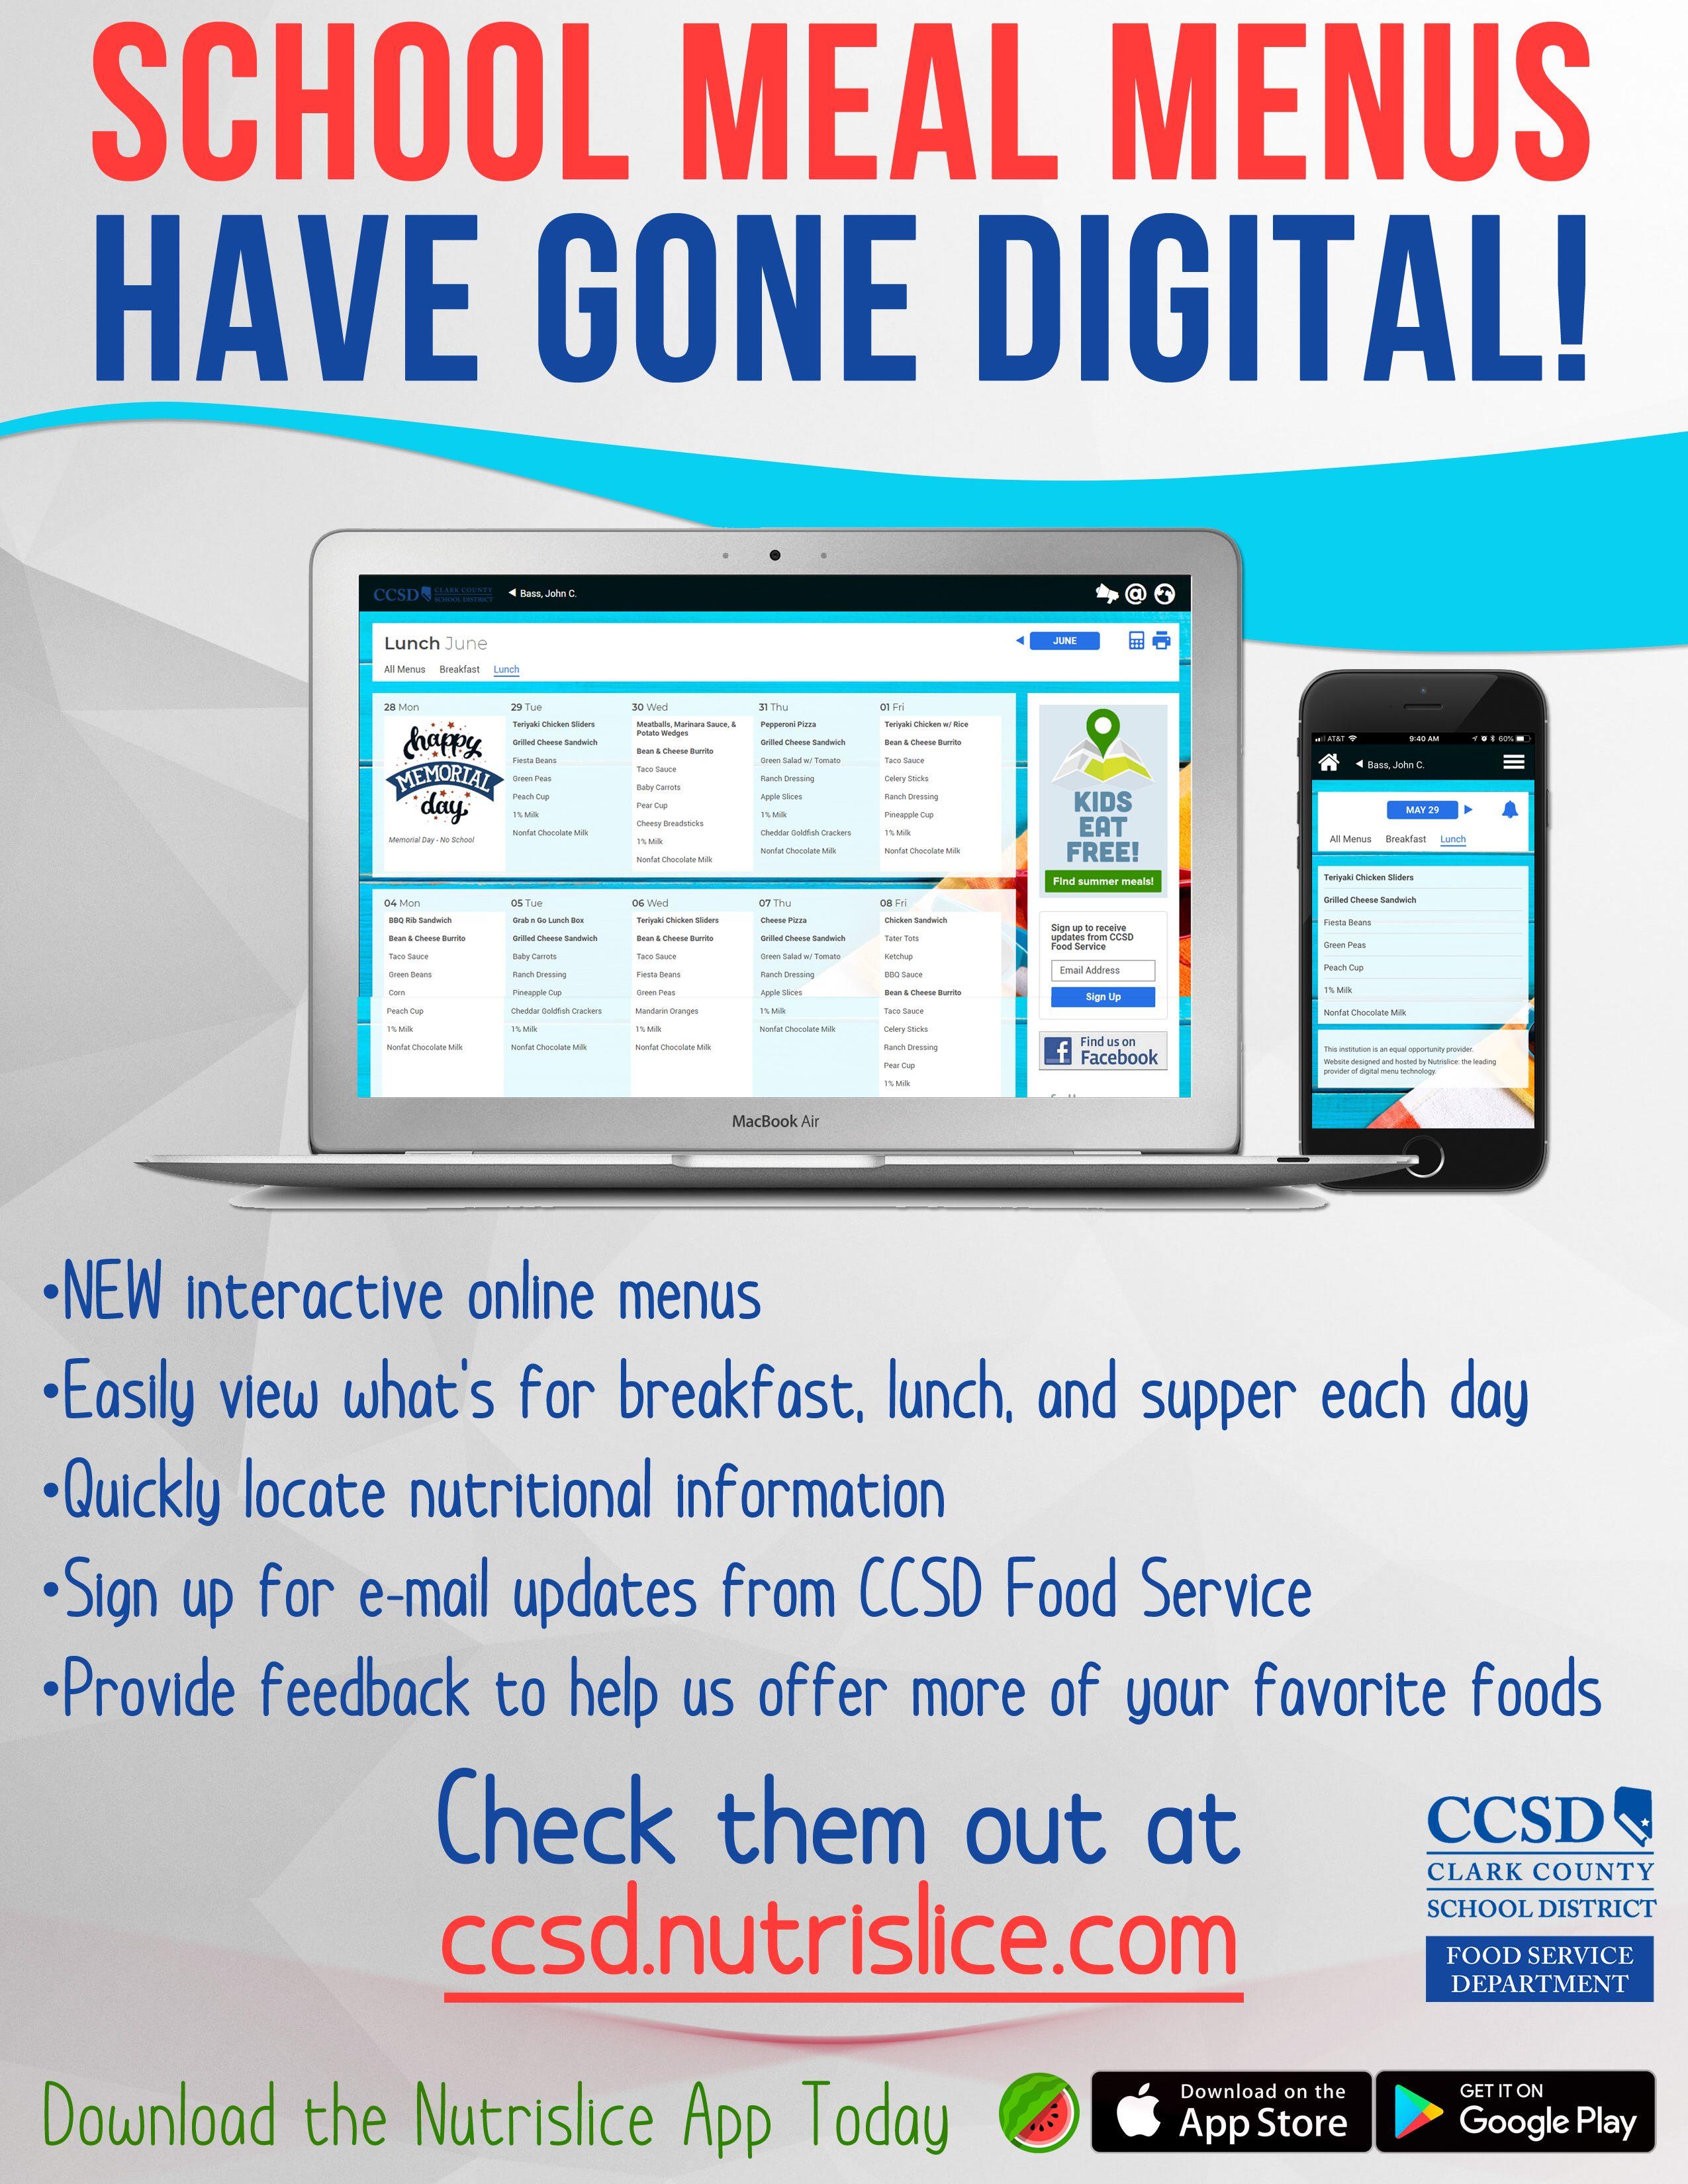 Ccsd digital menus kids eat free digital menu school food